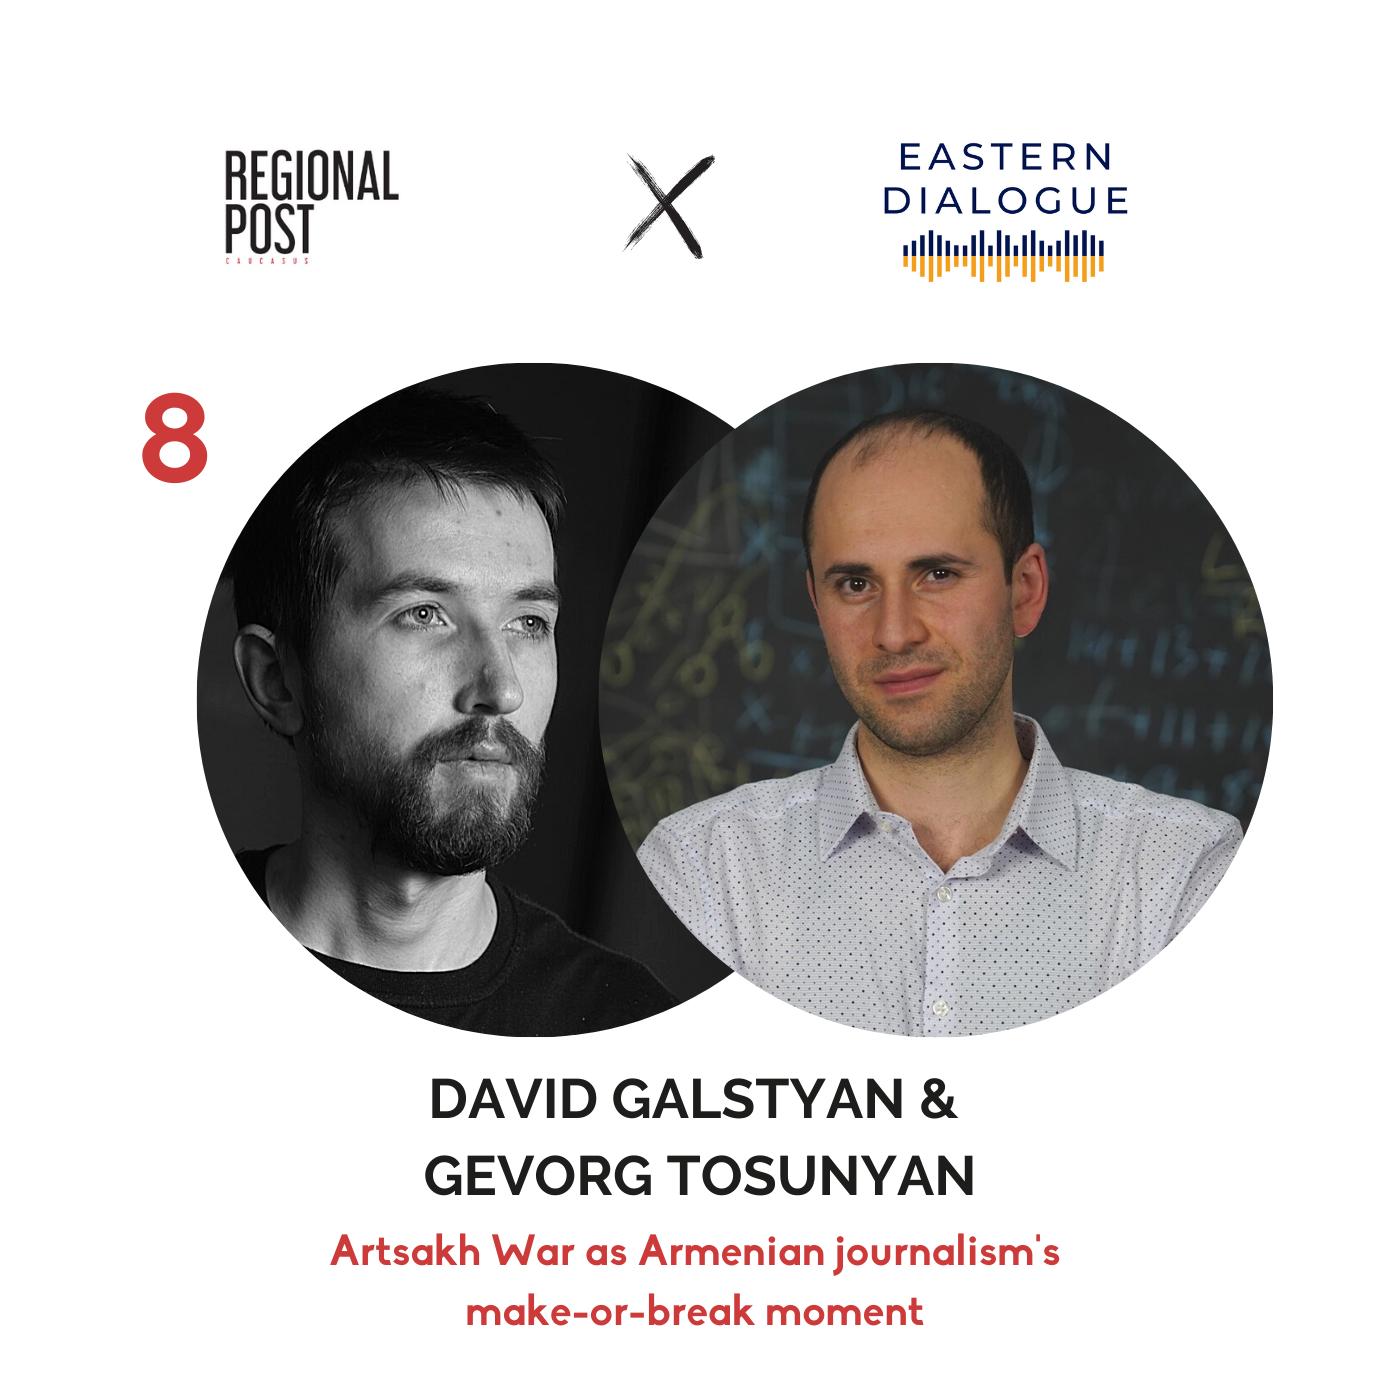 [հայերեն] David Galstyan and Gevorg Tosunyan - Artsakh War as Armenian journalism's make-or-break moment